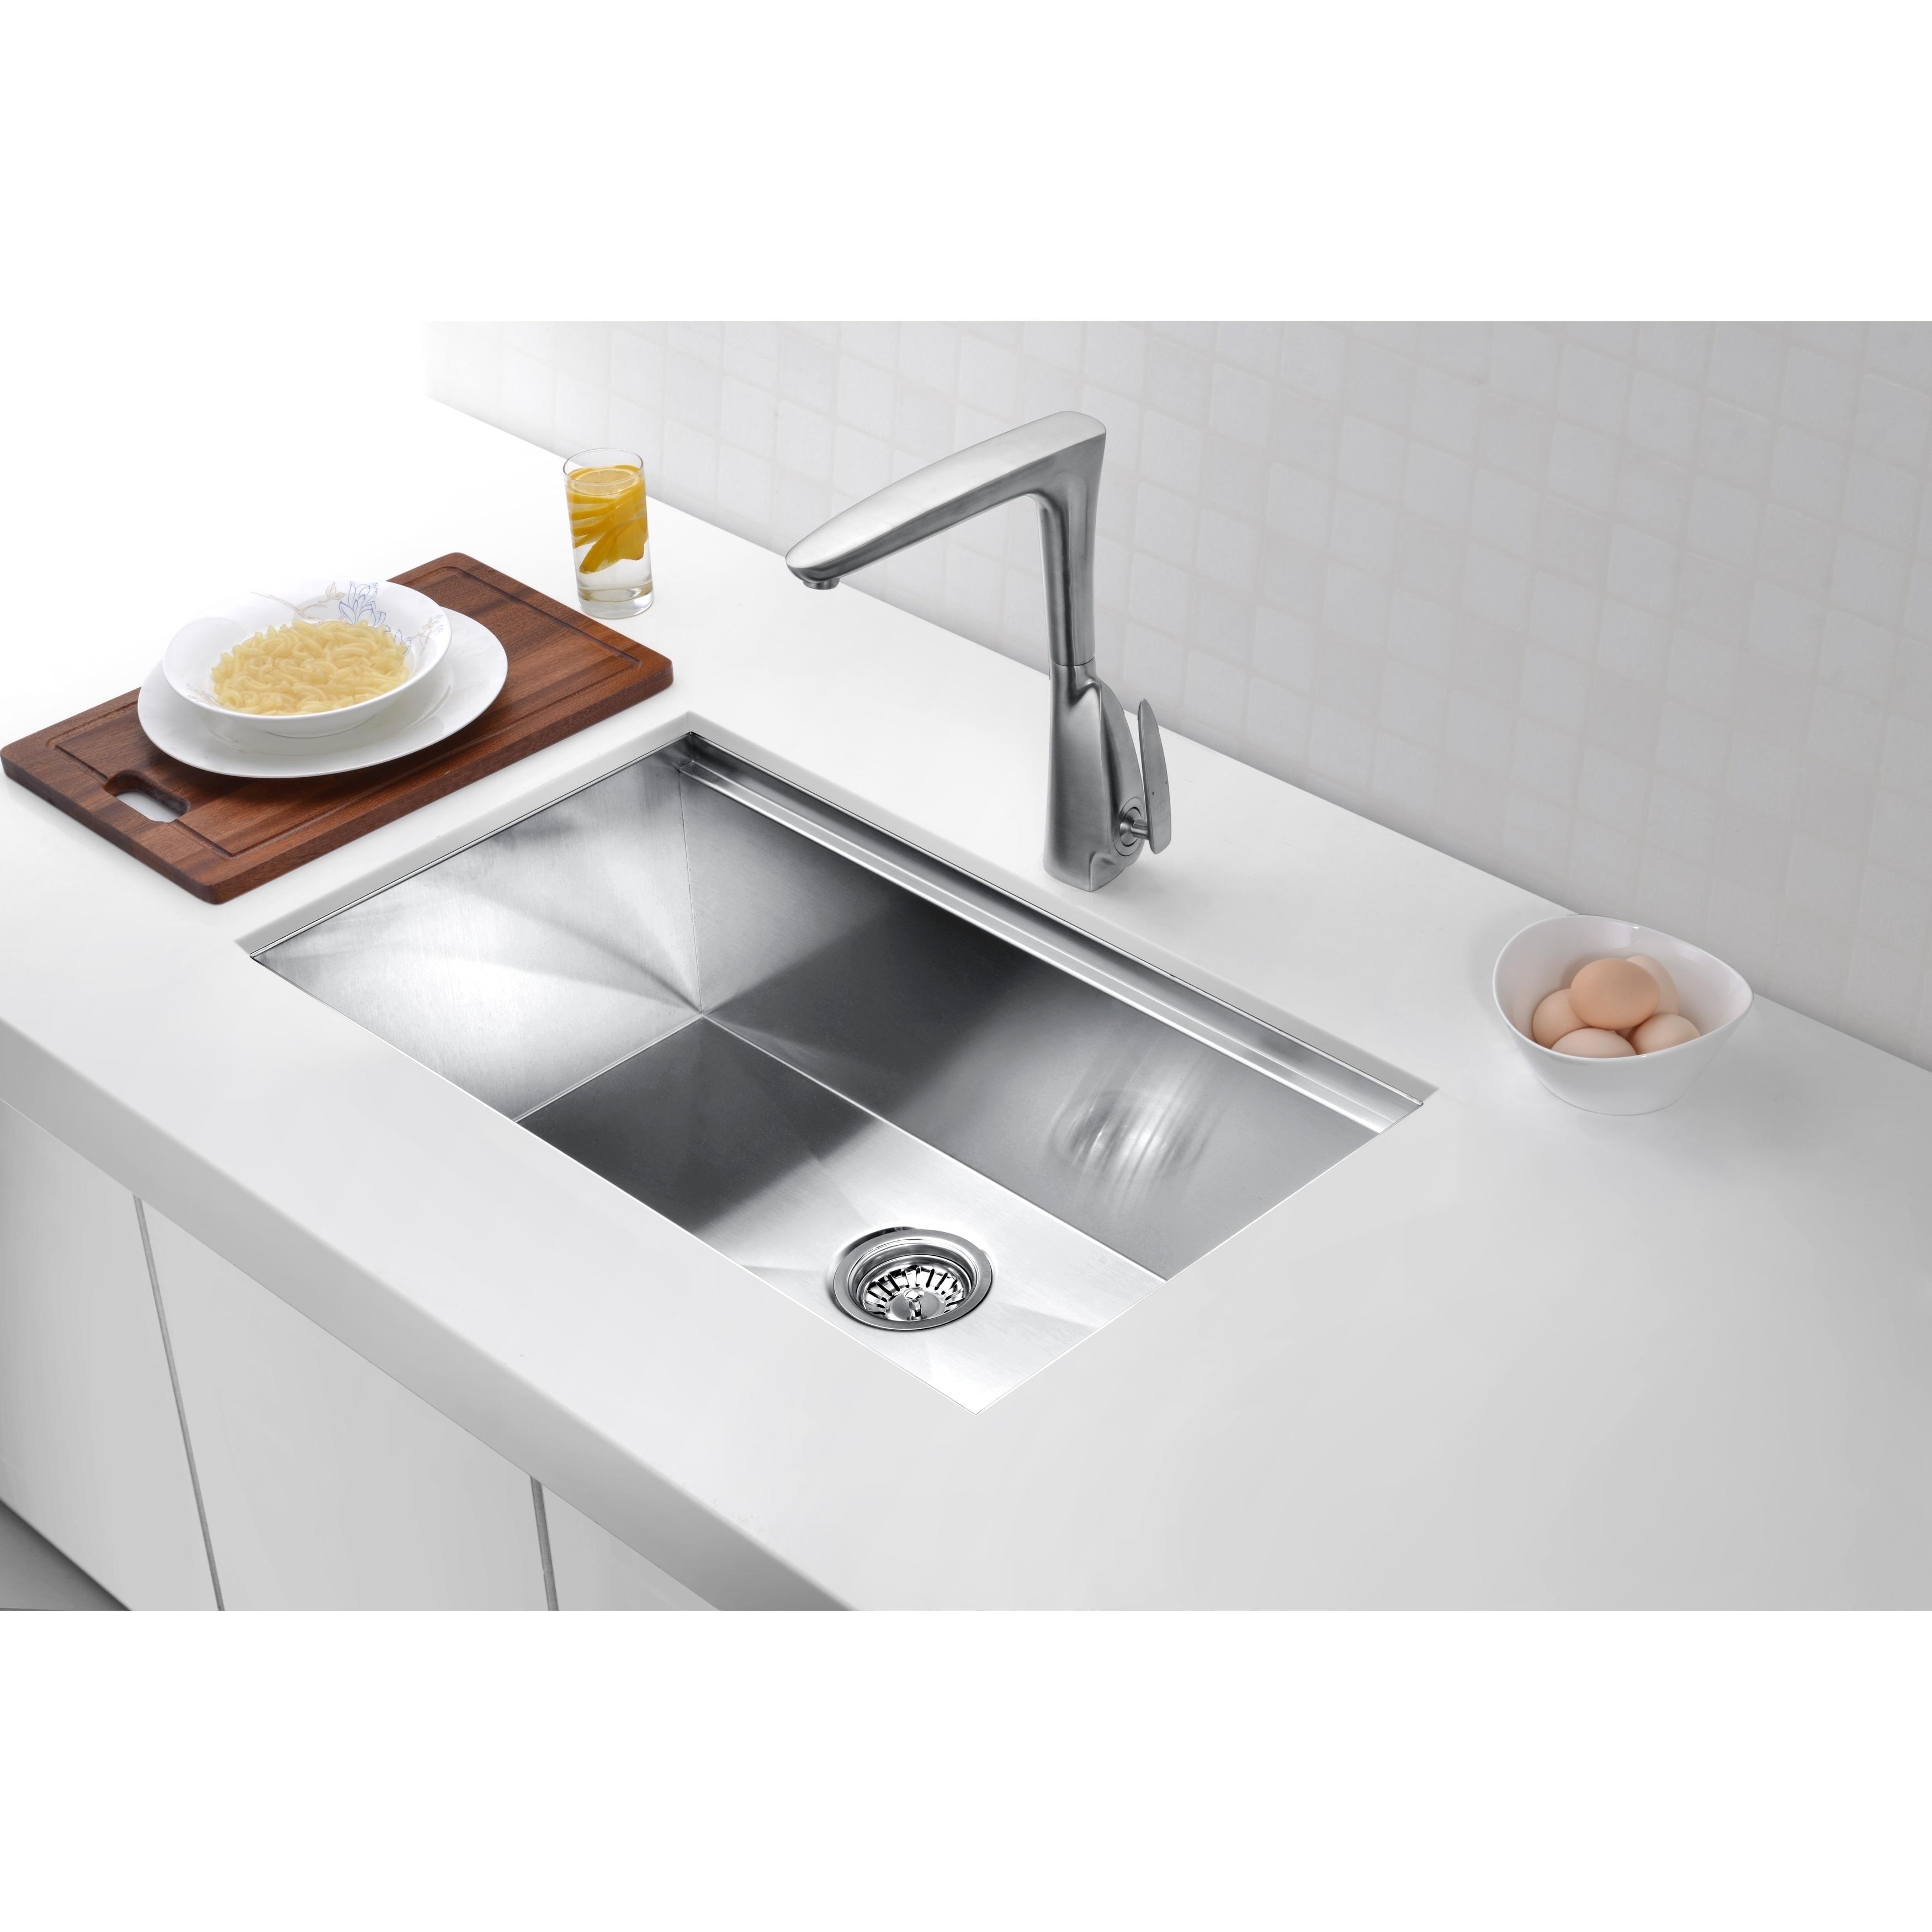 Anzzi Aegis 30 L X 18 W Undermount Kitchen Sink With